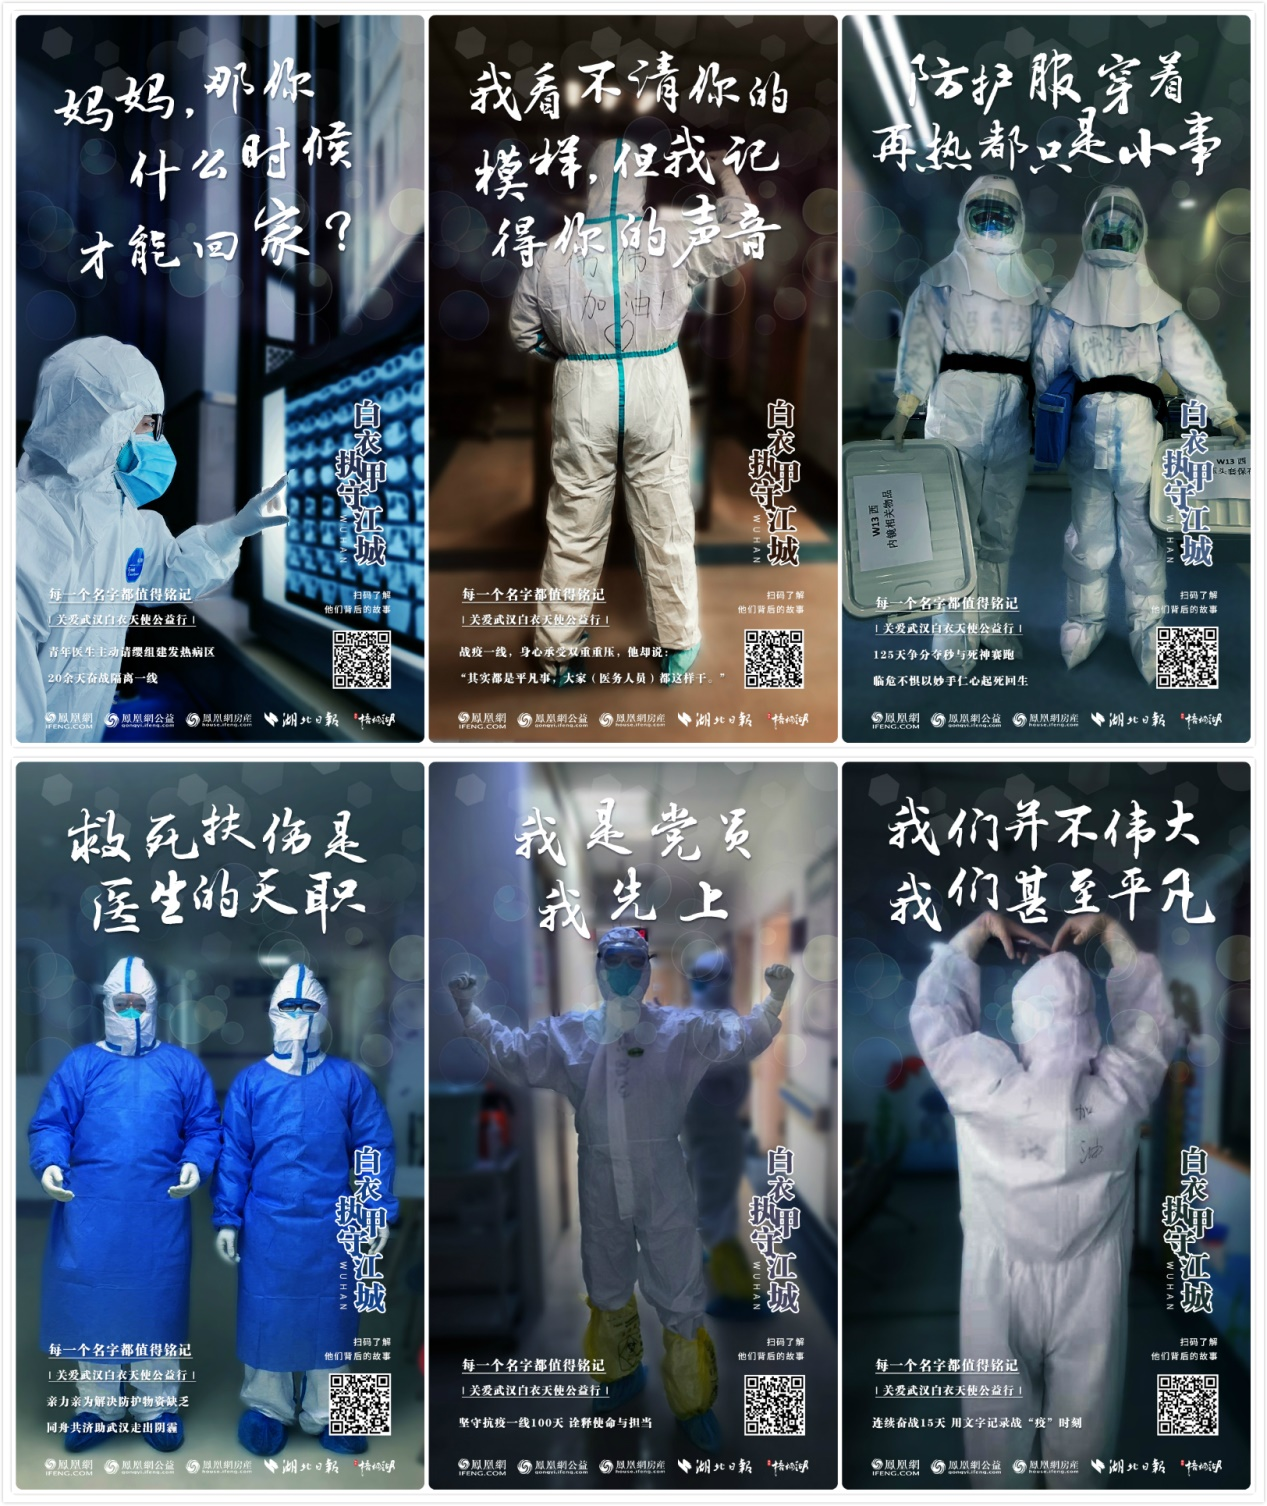 关爱武汉白衣天使公益行——向武汉医护表达最崇高的敬意图片